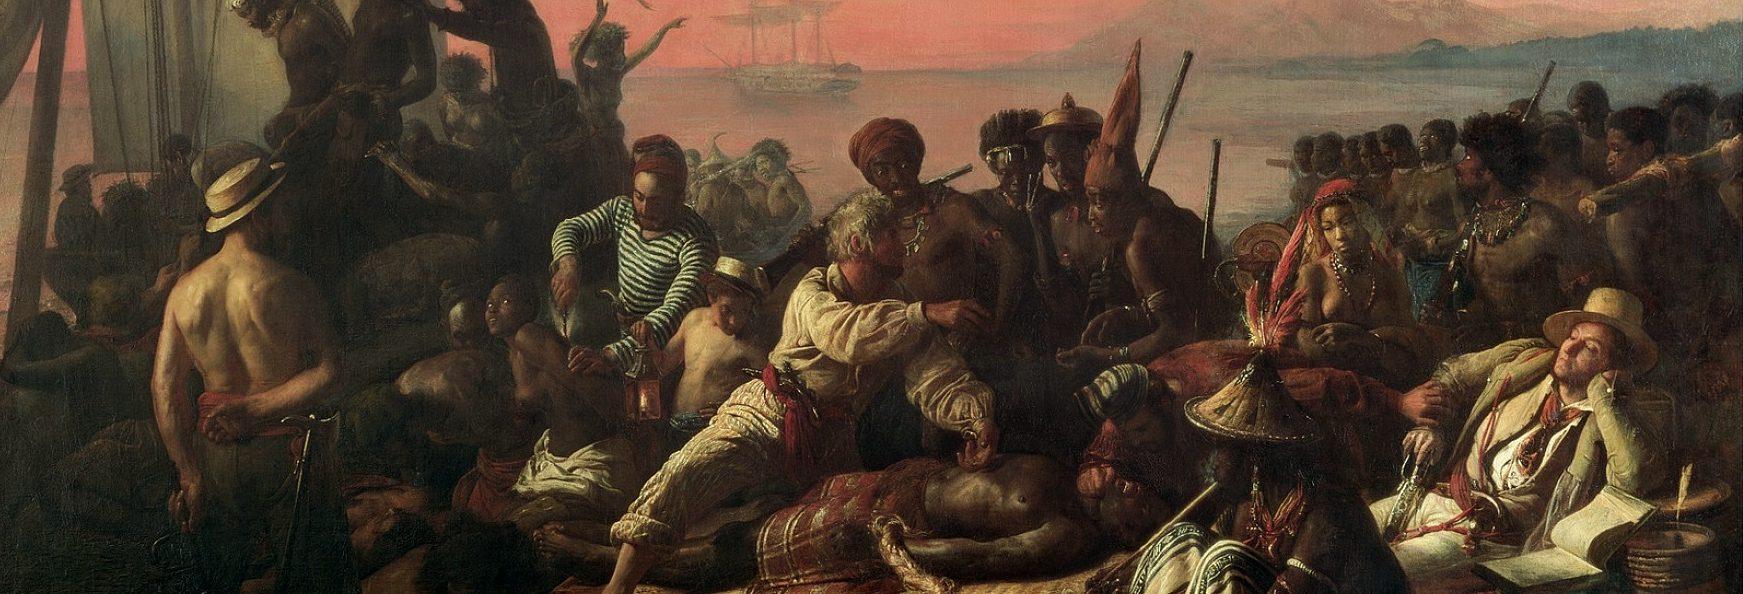 KS3 Slavery - Transatlantic slave trade